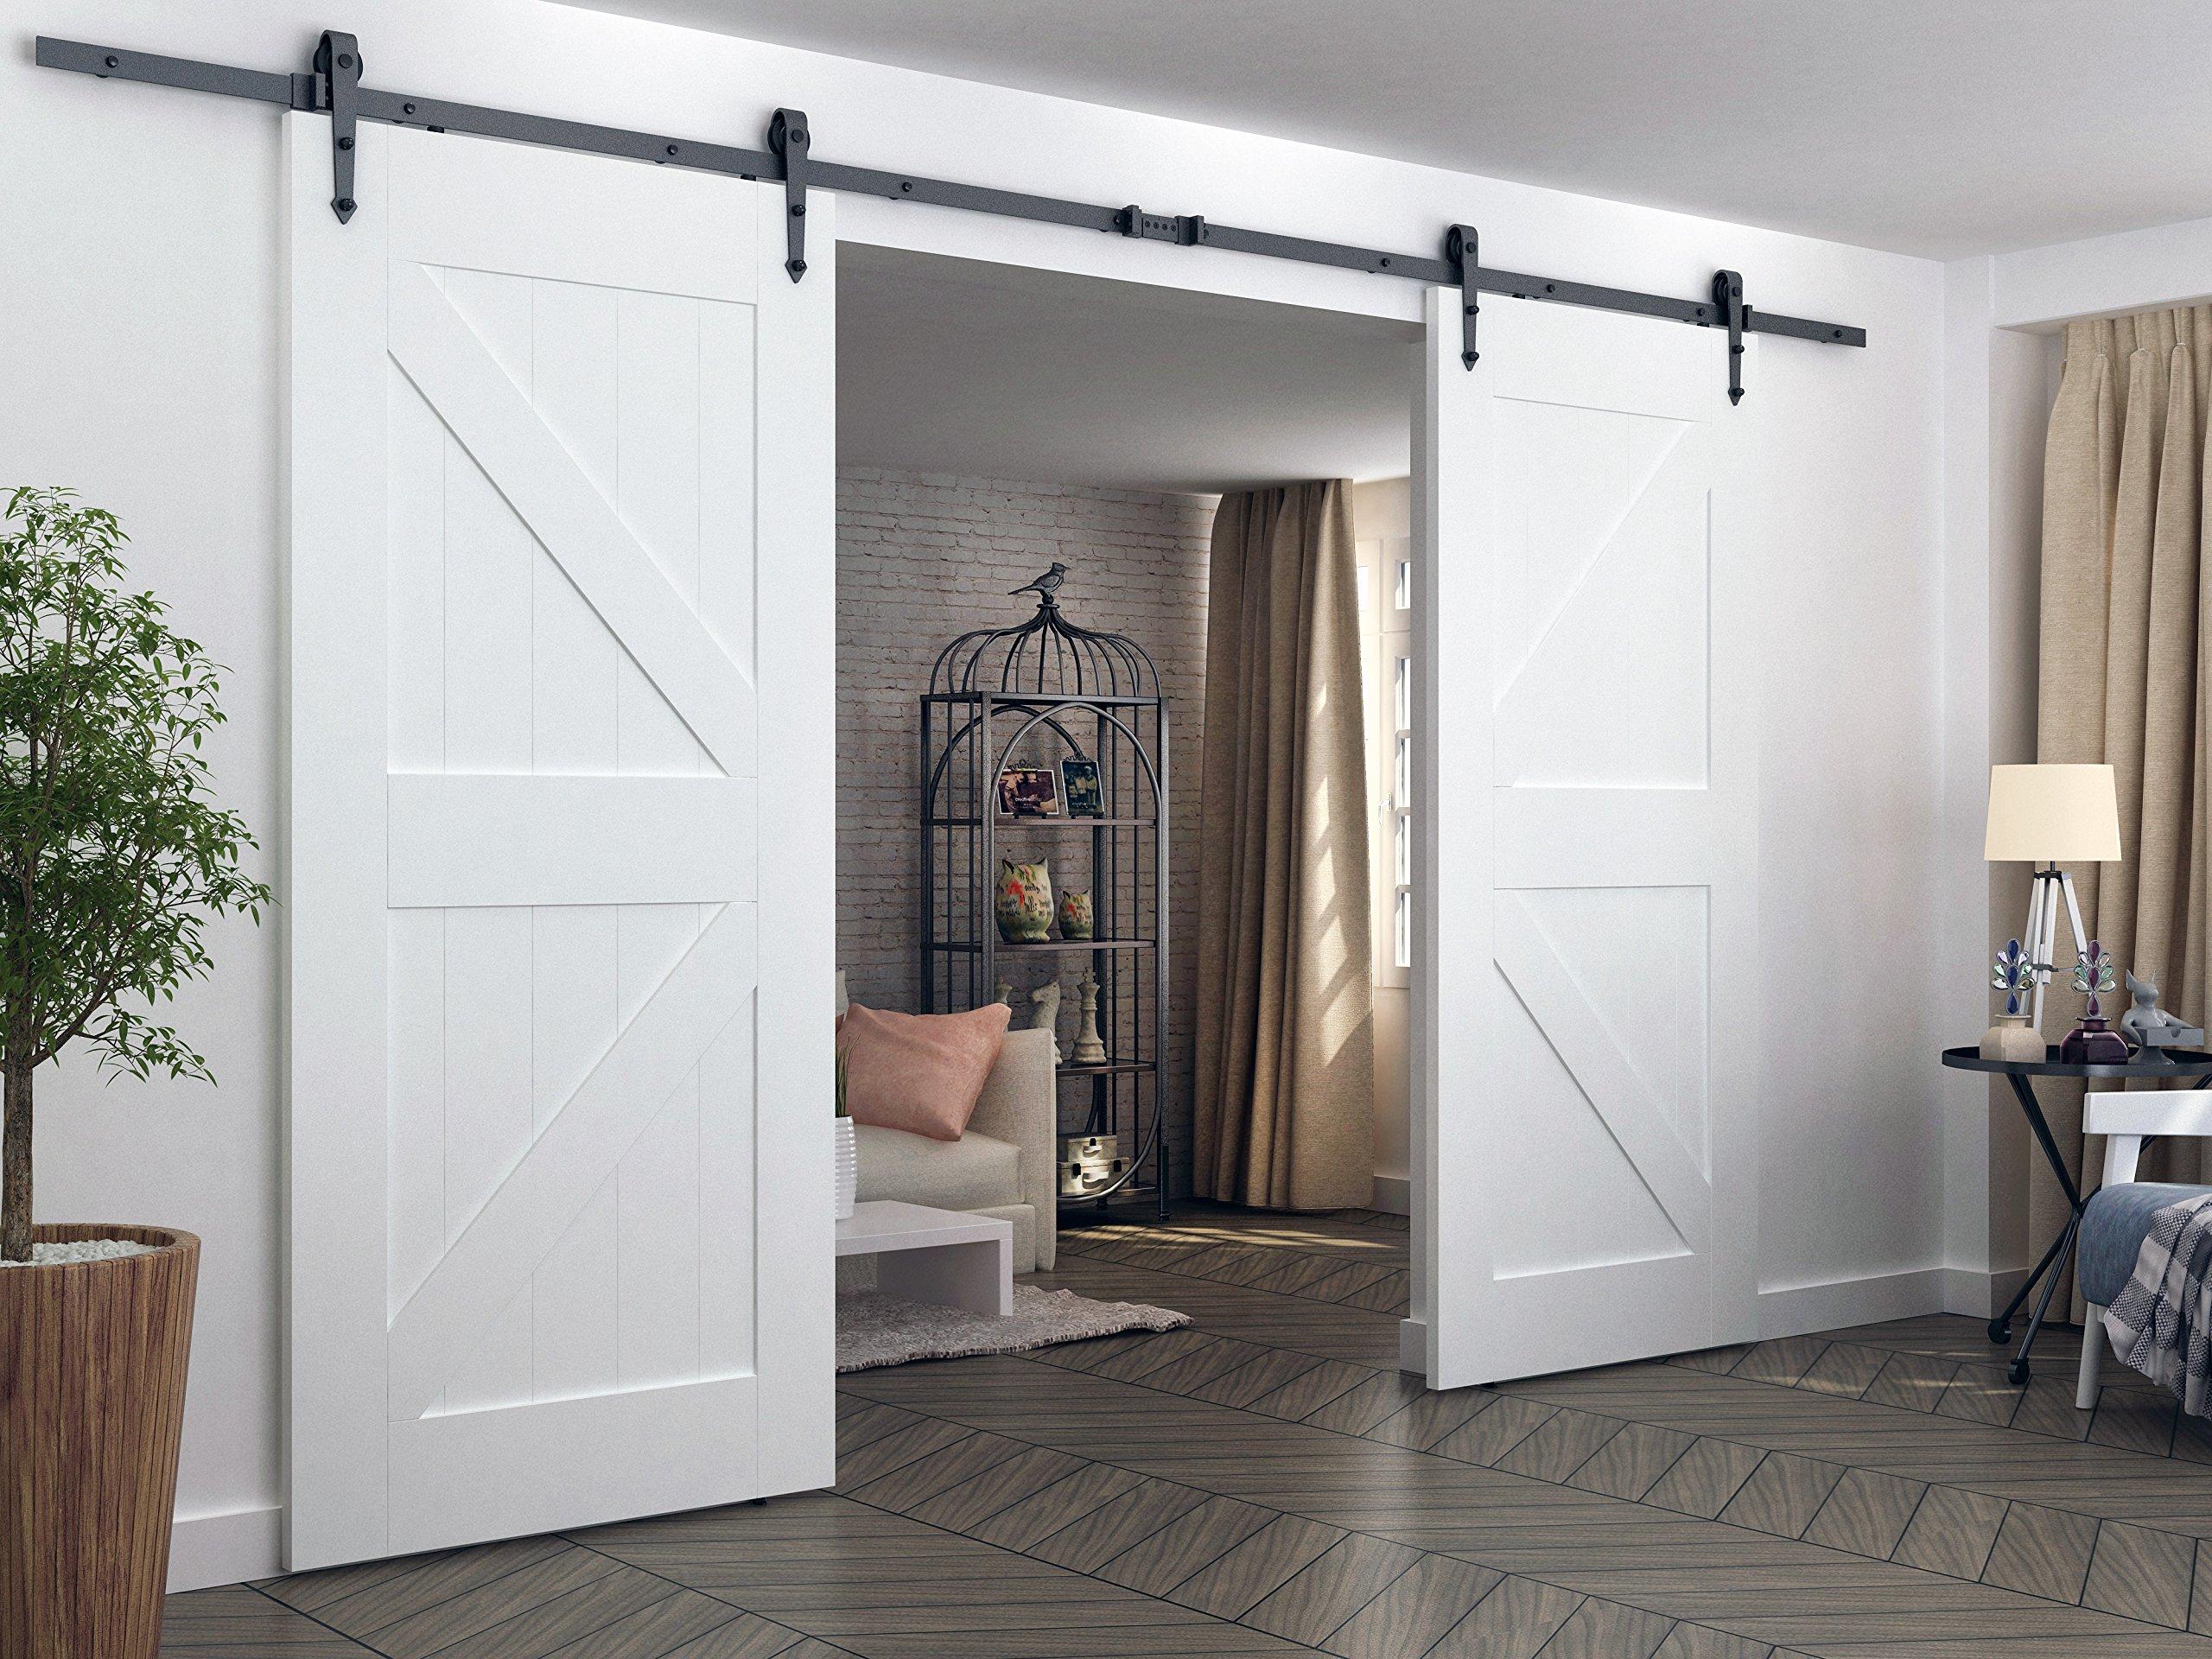 aihom 3.66 M doble francés puerta corredera puerta de granero Hardware puerta de granero pista para colgar 2 puertas: Amazon.es: Bricolaje y herramientas